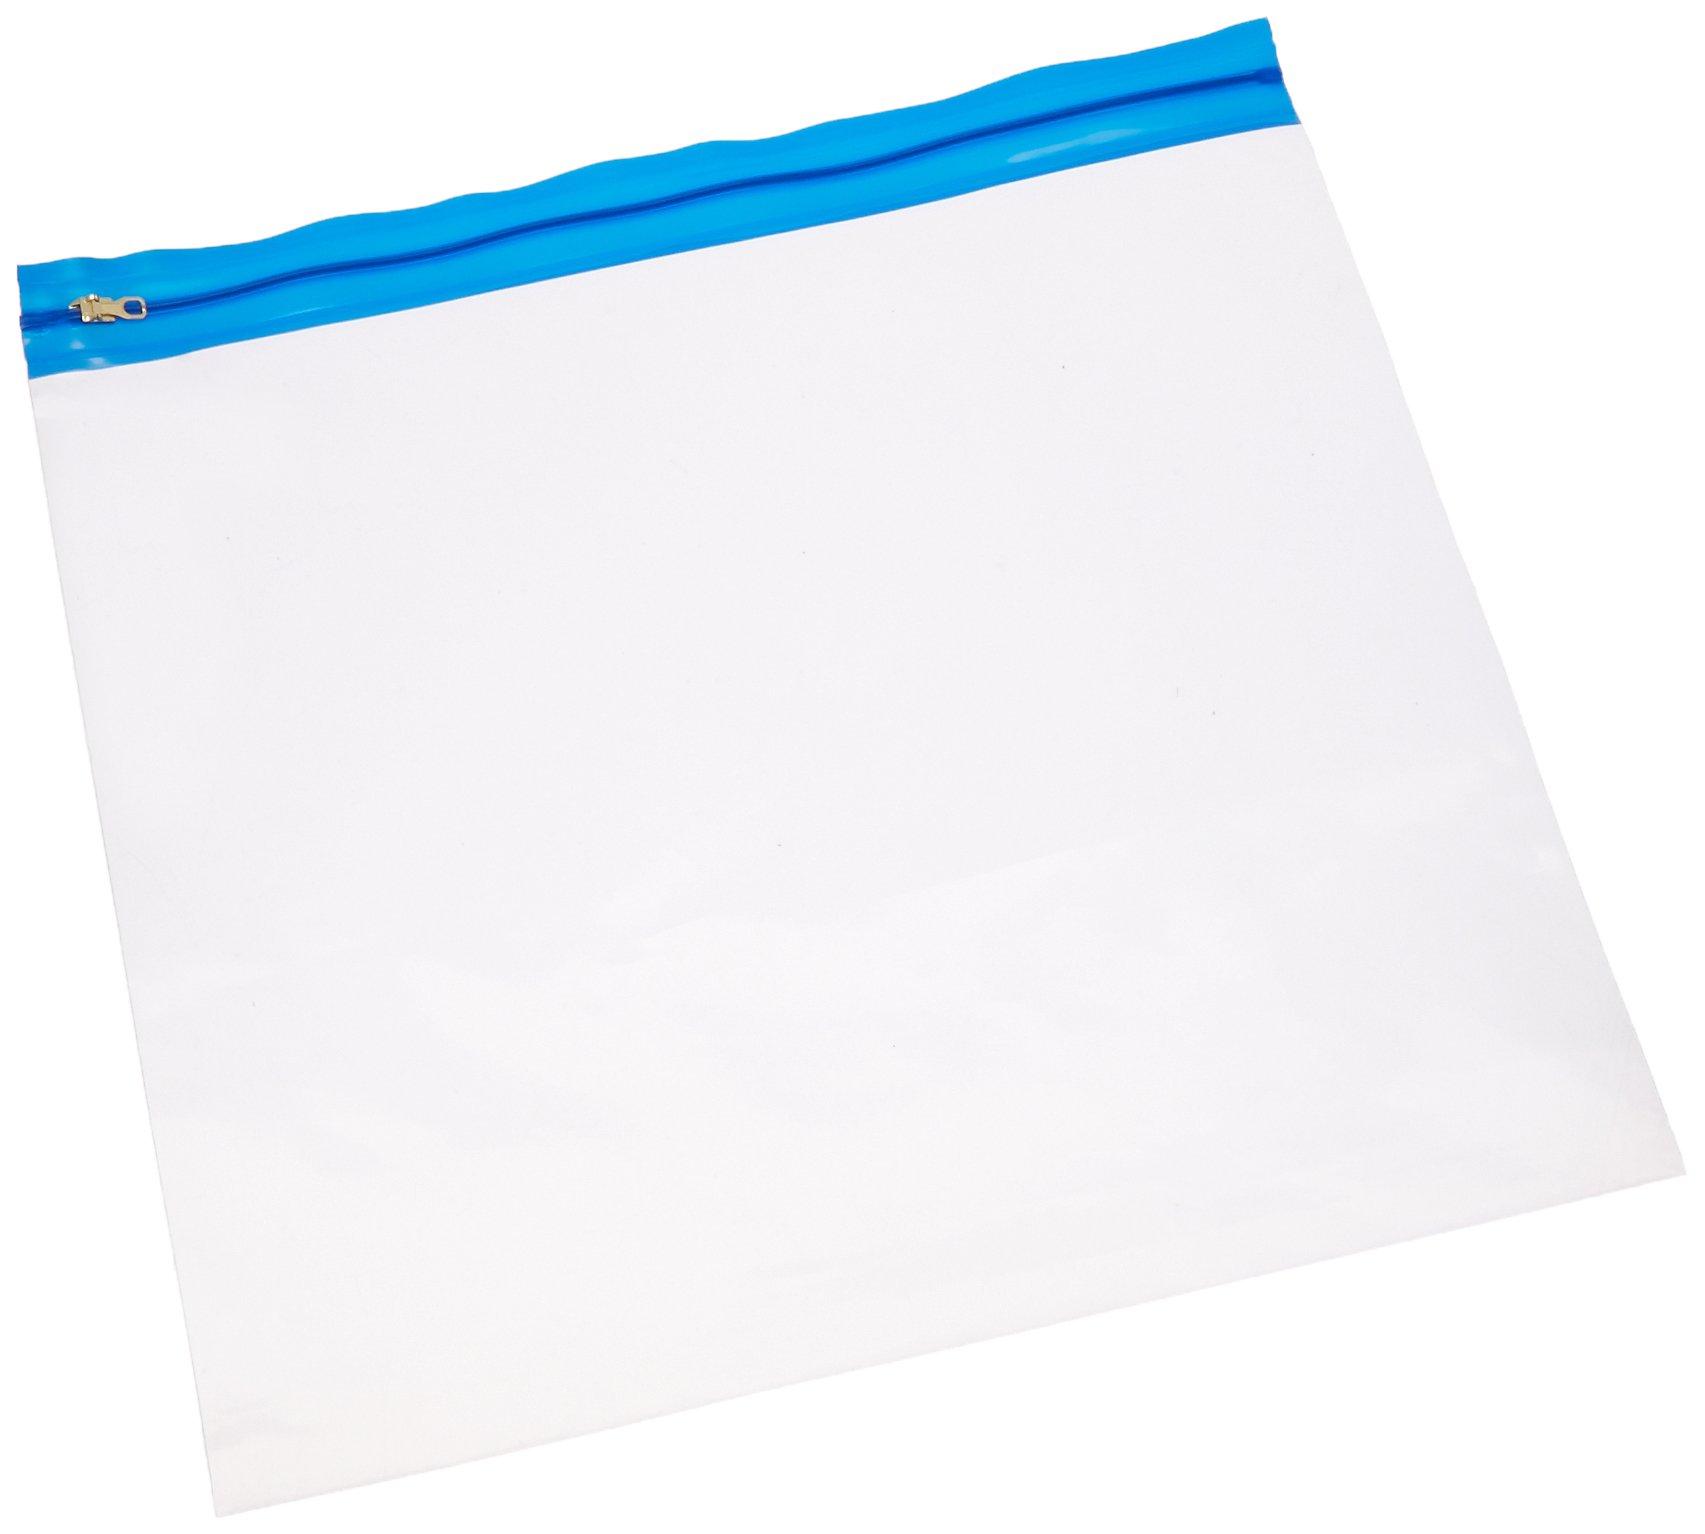 Zipafile Bags 14''X13''-Blue 25 per Pack